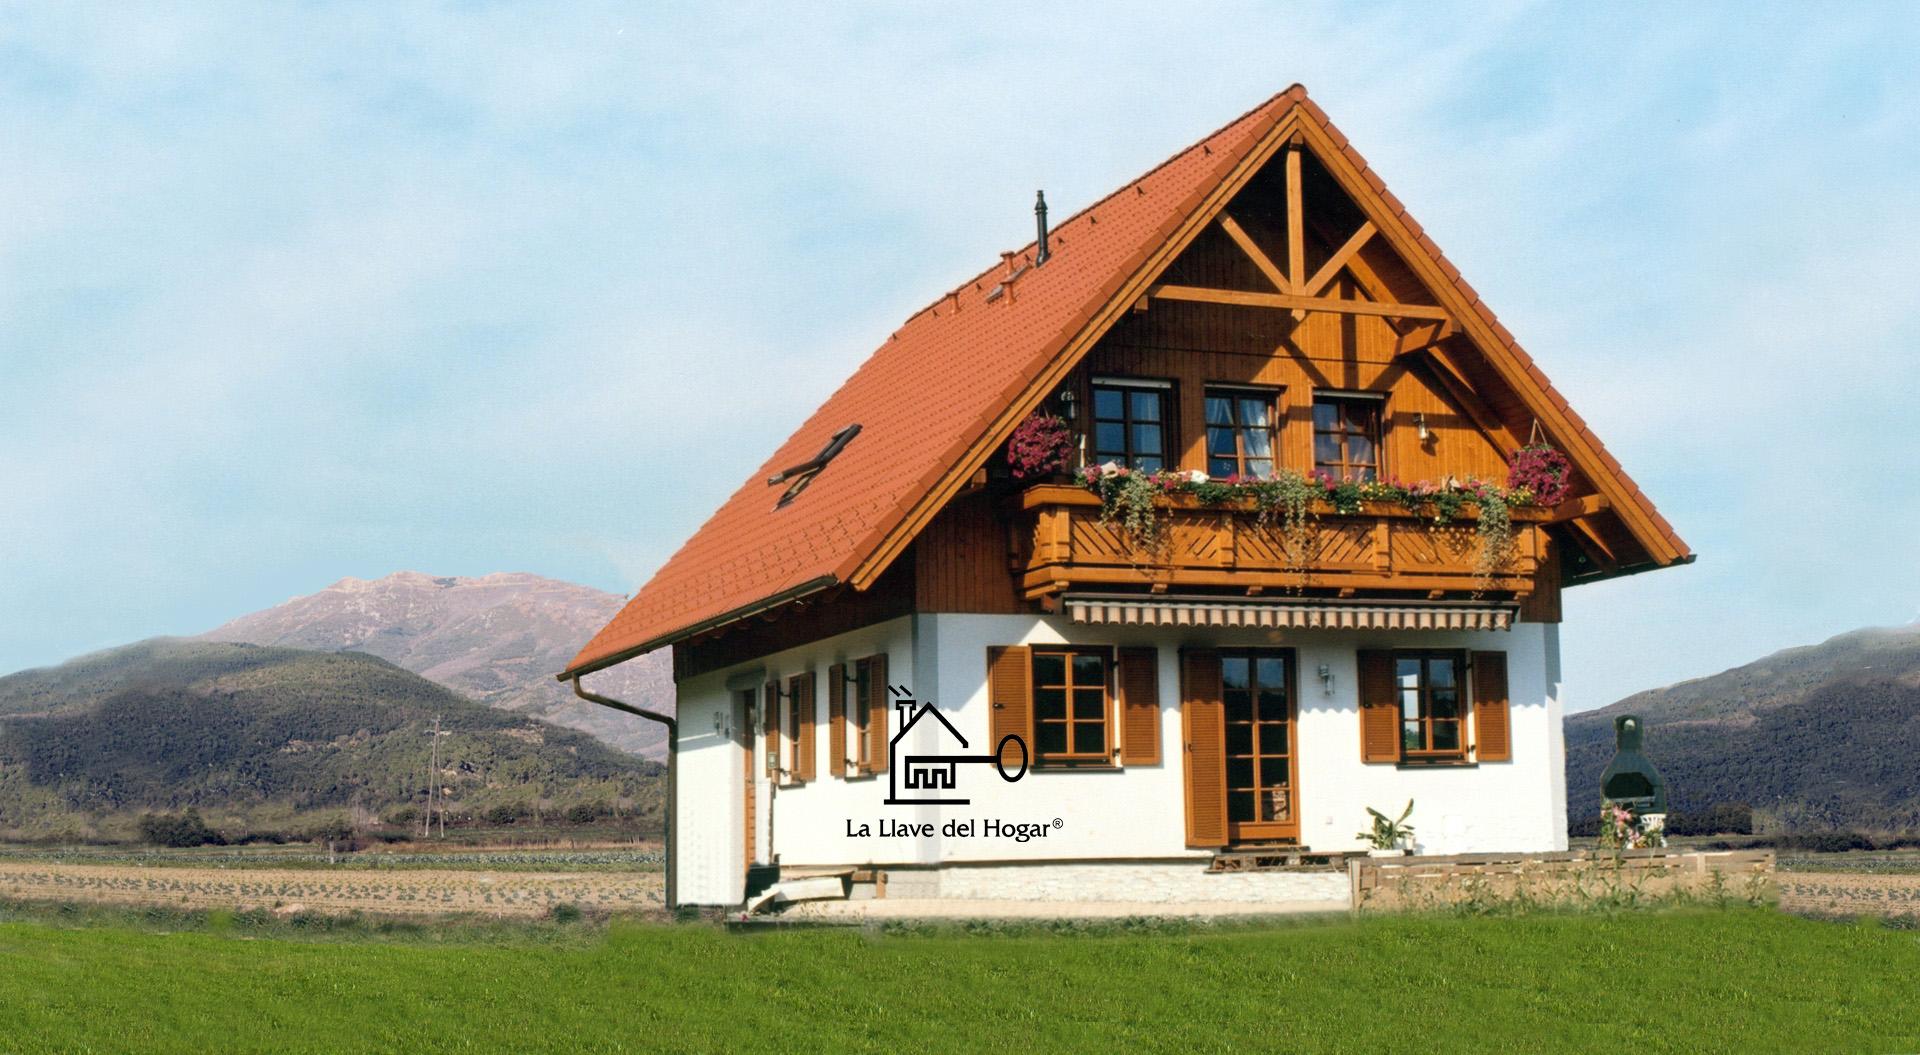 Maladeta 160m casas de madera la llave del hogar - Casas entramado ligero ...